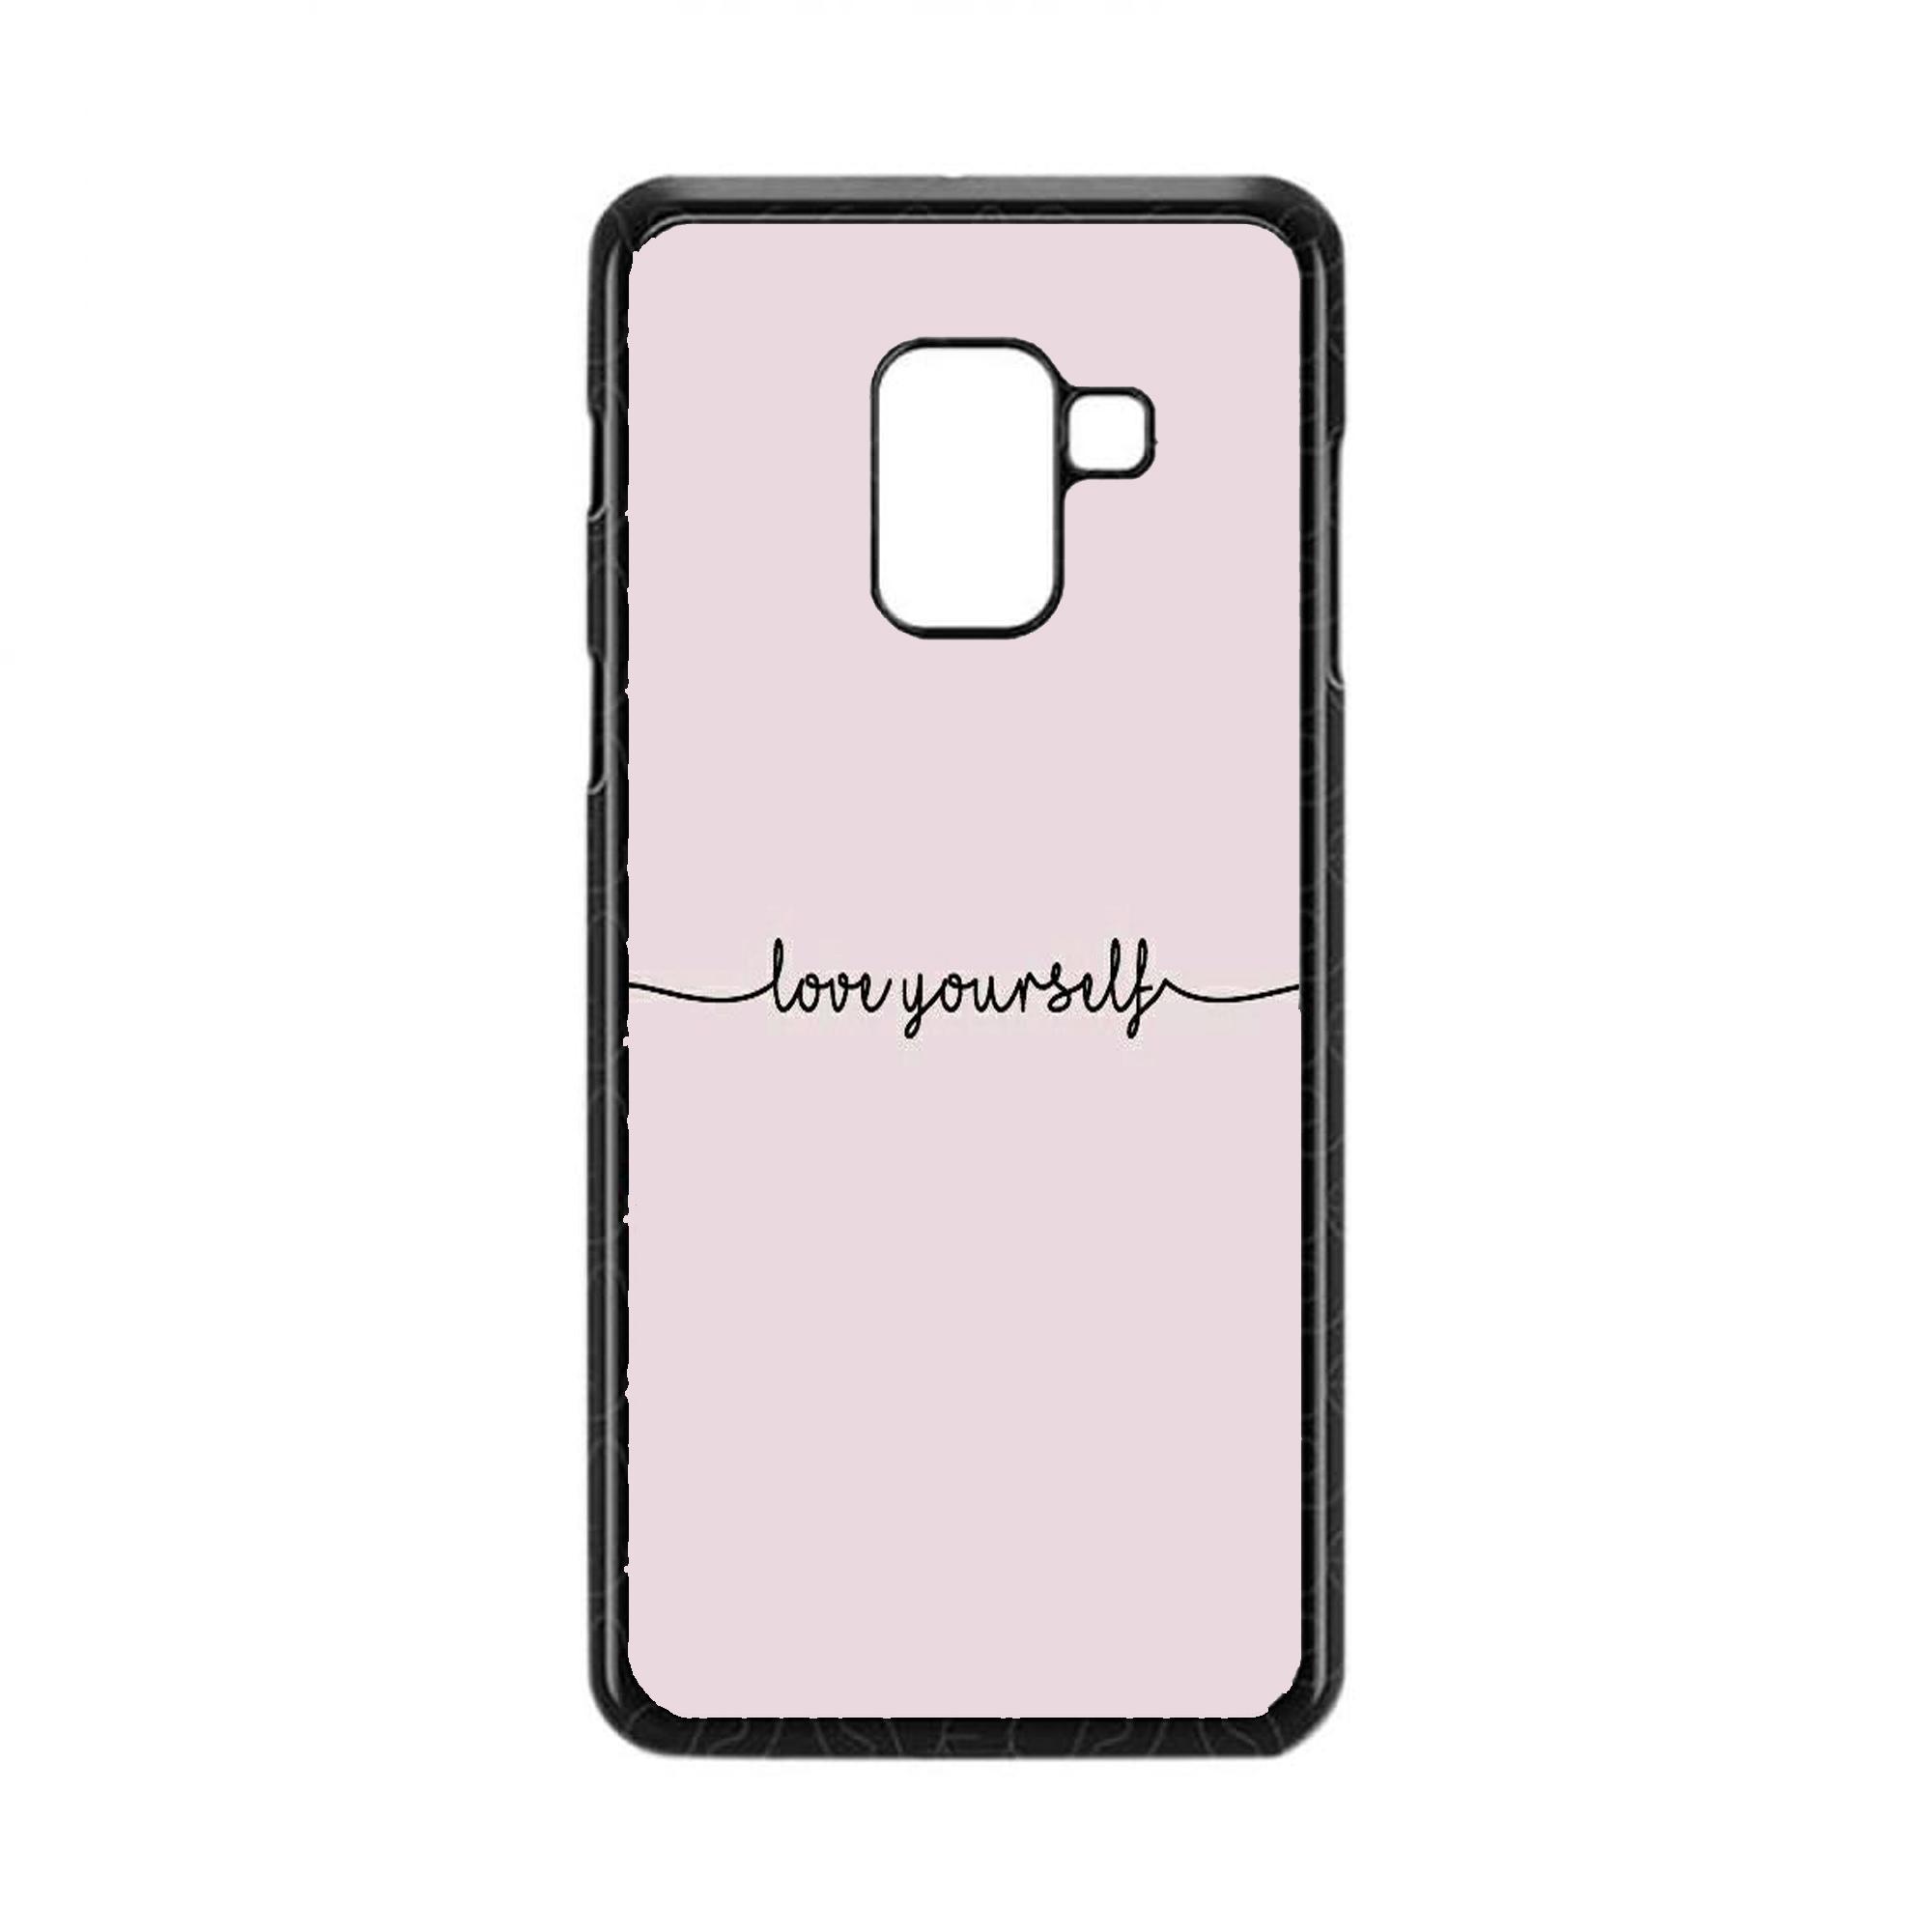 Rajamurah Fashion Printing Case Samsung Galaxy J6 Plus 22 Backdoor Casing Tutup Belakang Baterai J2